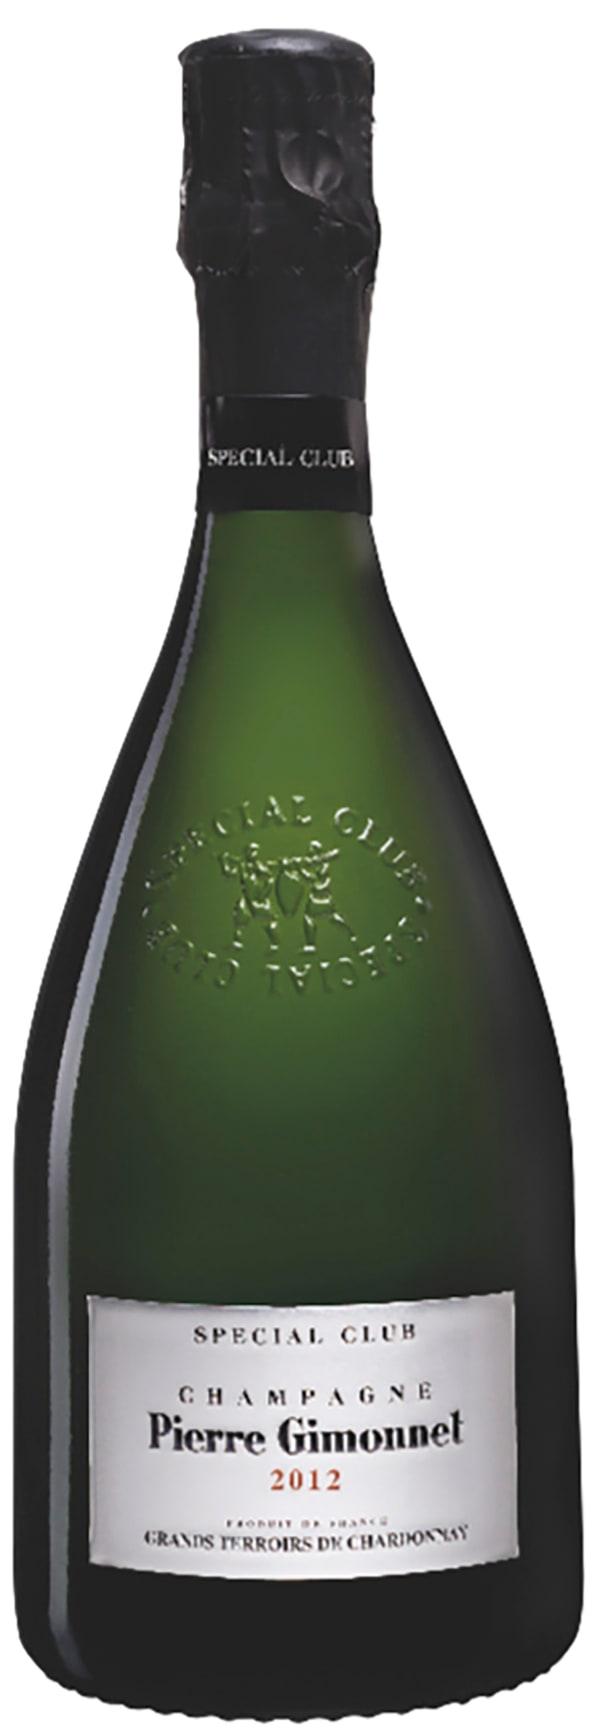 Pierre Gimonnet Special Club Grands Terroirs de Chardonnay Champagne Brut 2012